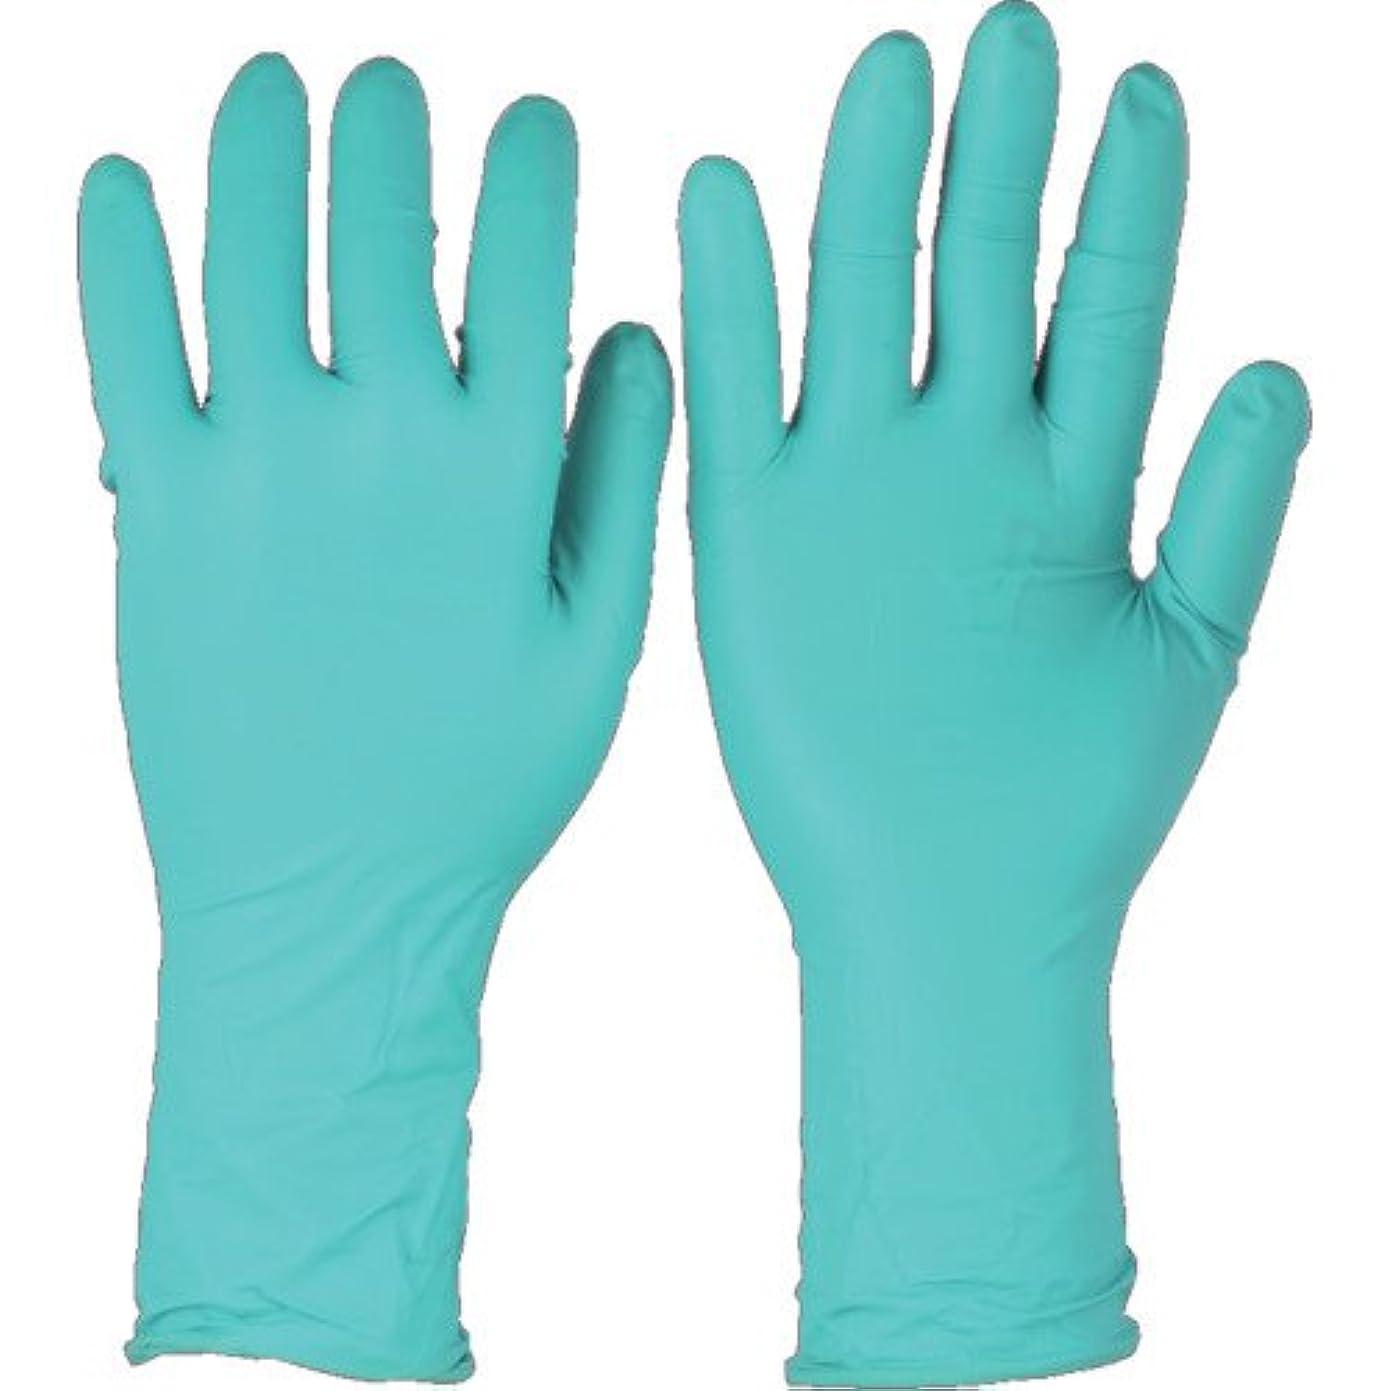 暗殺する反論注釈を付けるトラスコ中山 アンセル ネオプレンゴム使い捨て手袋 マイクロフレックス 93-260 XXLサイズ (50枚入)  9326011